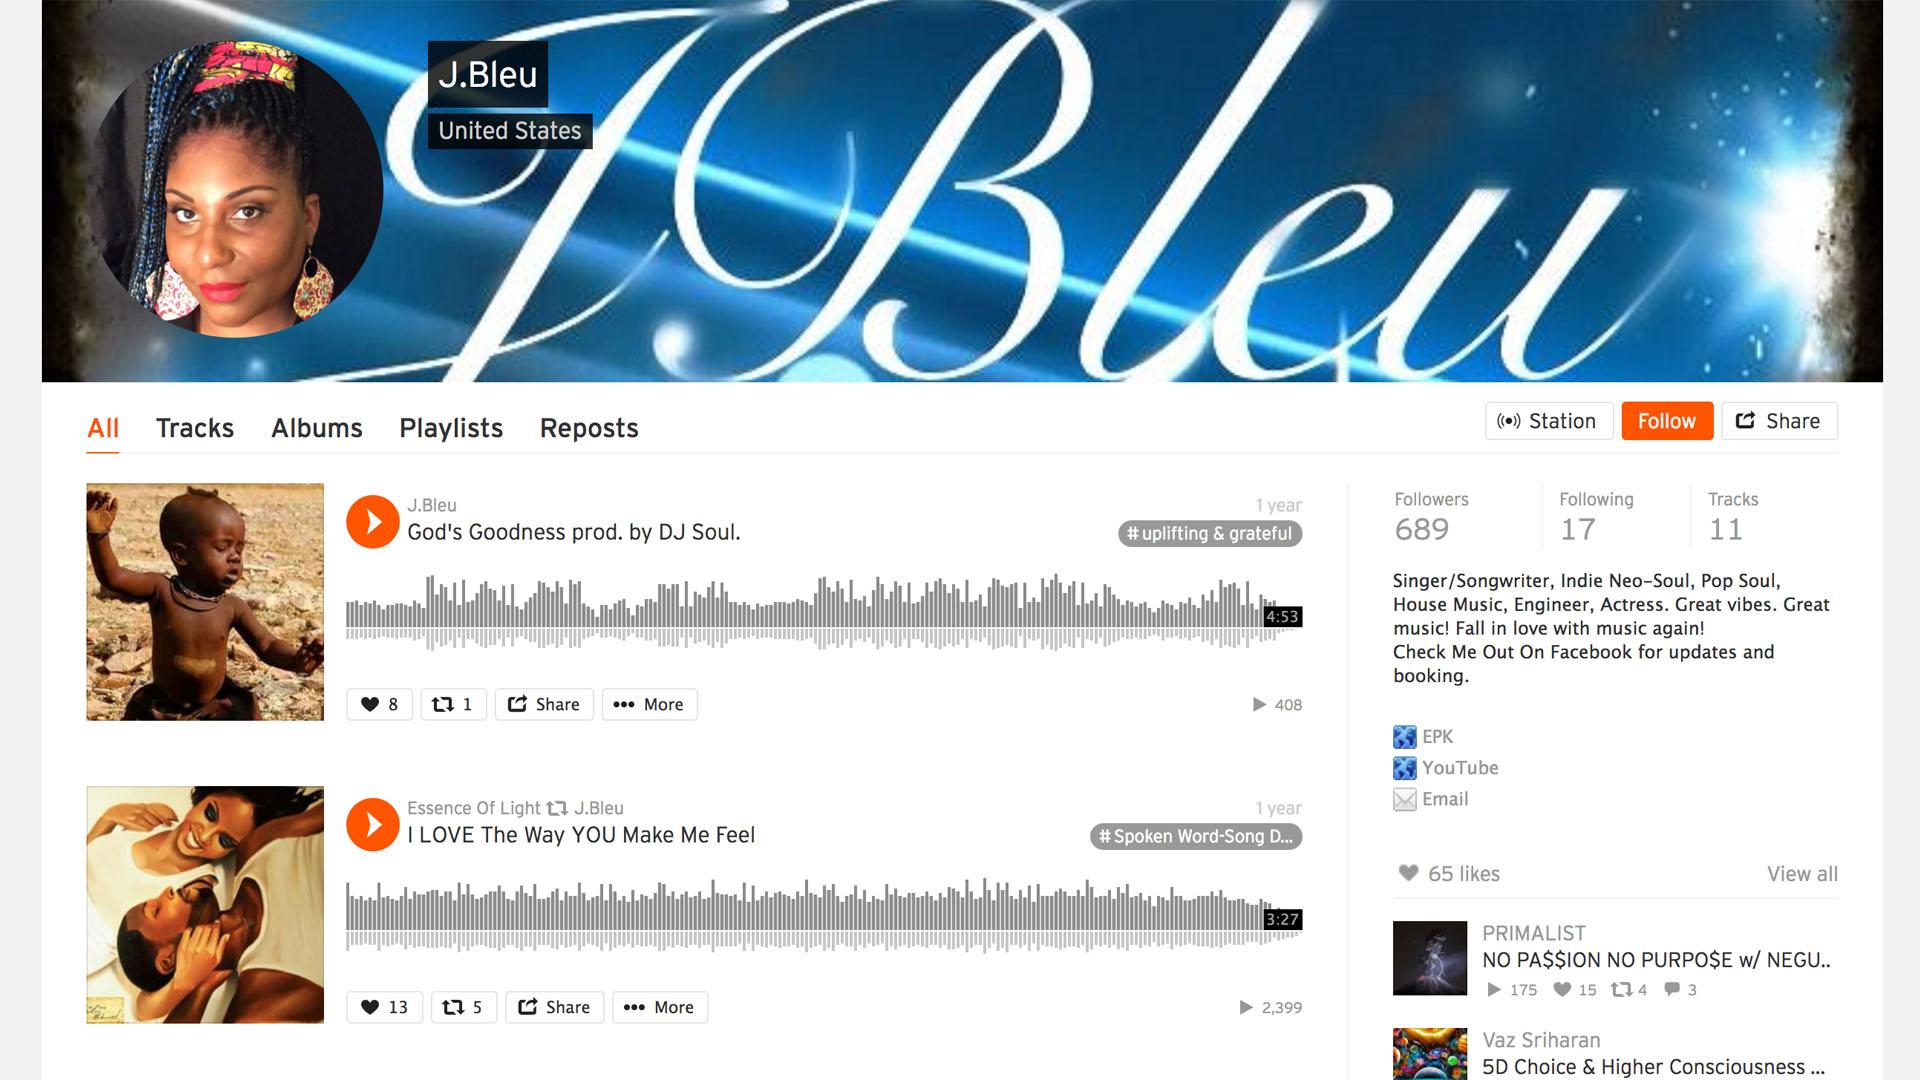 soundcloud.com/j-bleu-1